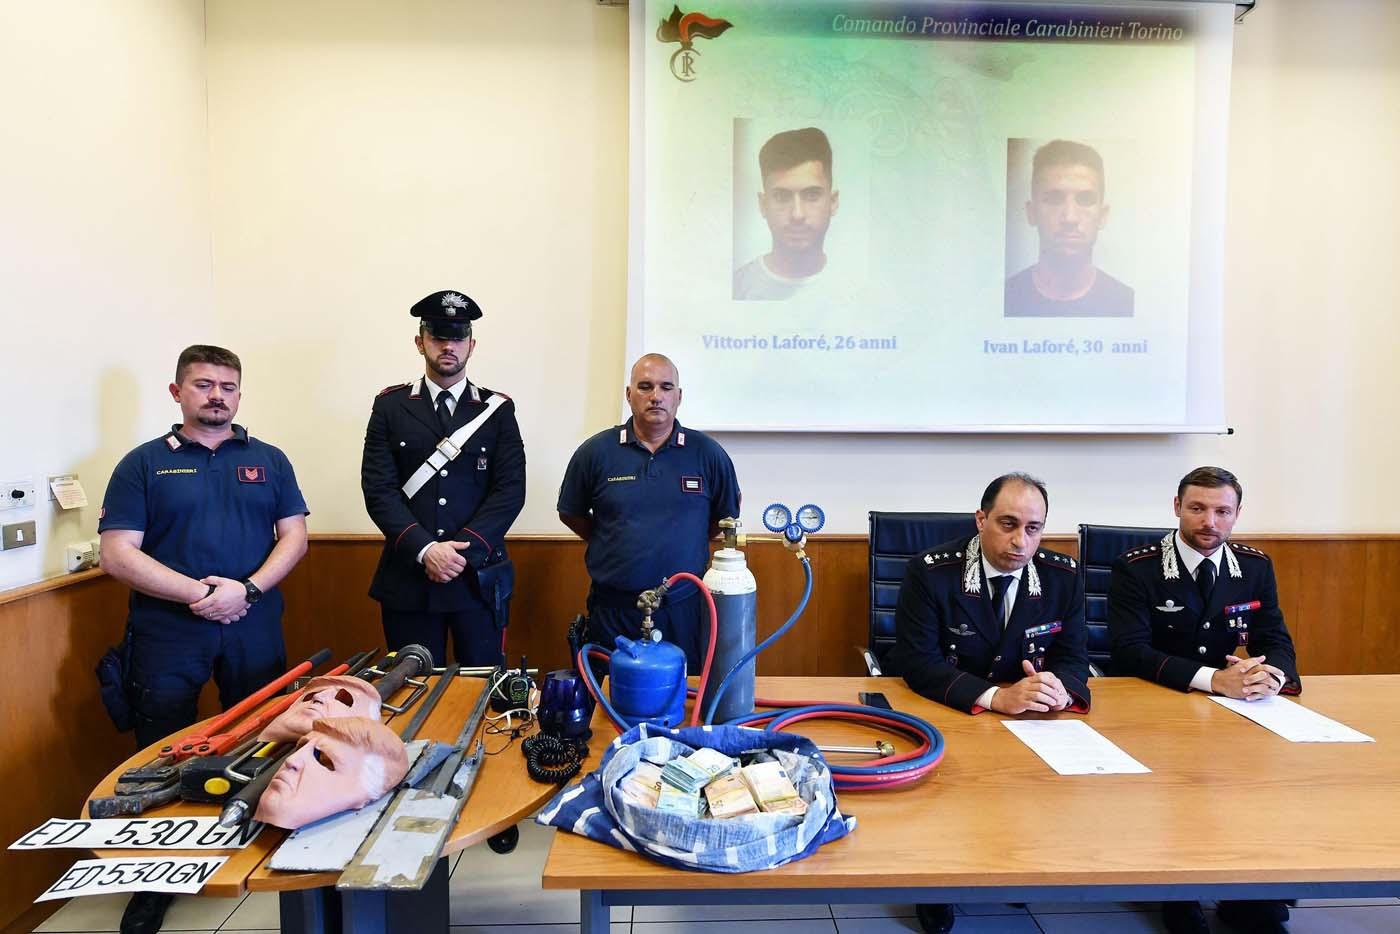 HAR07 TURÍN (ITALIA), 24/07/2017.- Miembros de los Carabinari muestran unas máscaras con la imagen del presidente de Estados Unidos, Donald Trump, usadas por dos ladrones, durante una rueda de prensa en Turín, Italia, hoy, 24 de julio de 2017. Dos hermanos, Vittorio y Ivan Lafore, utilizaron las máscaras cuando trataban de robar en un cajero automático. Ambos fueron arrestados hoy en Turín. EFE/Alessandro Di Marco